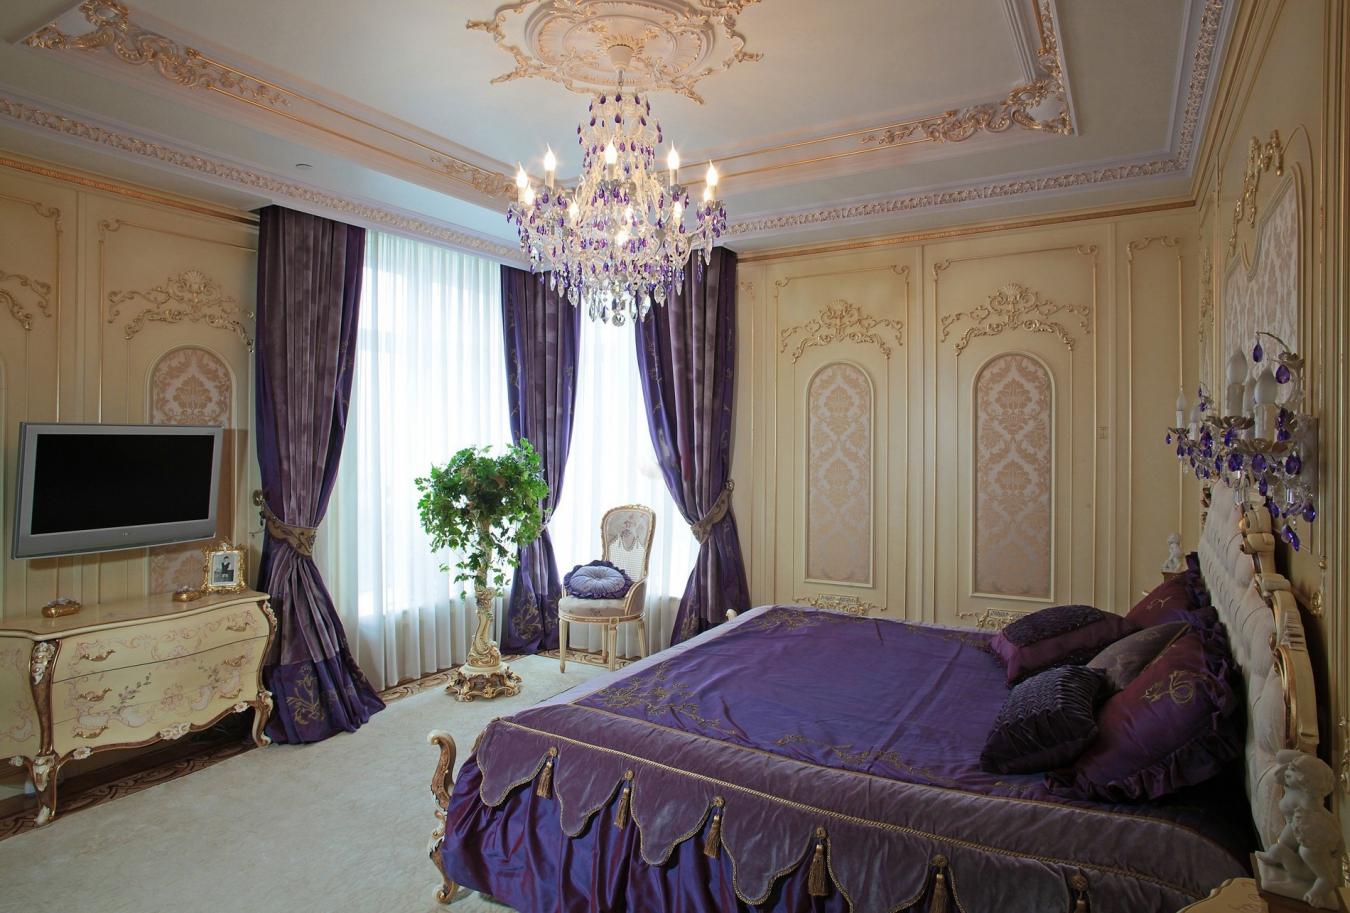 шторы в спальню фиолетовые